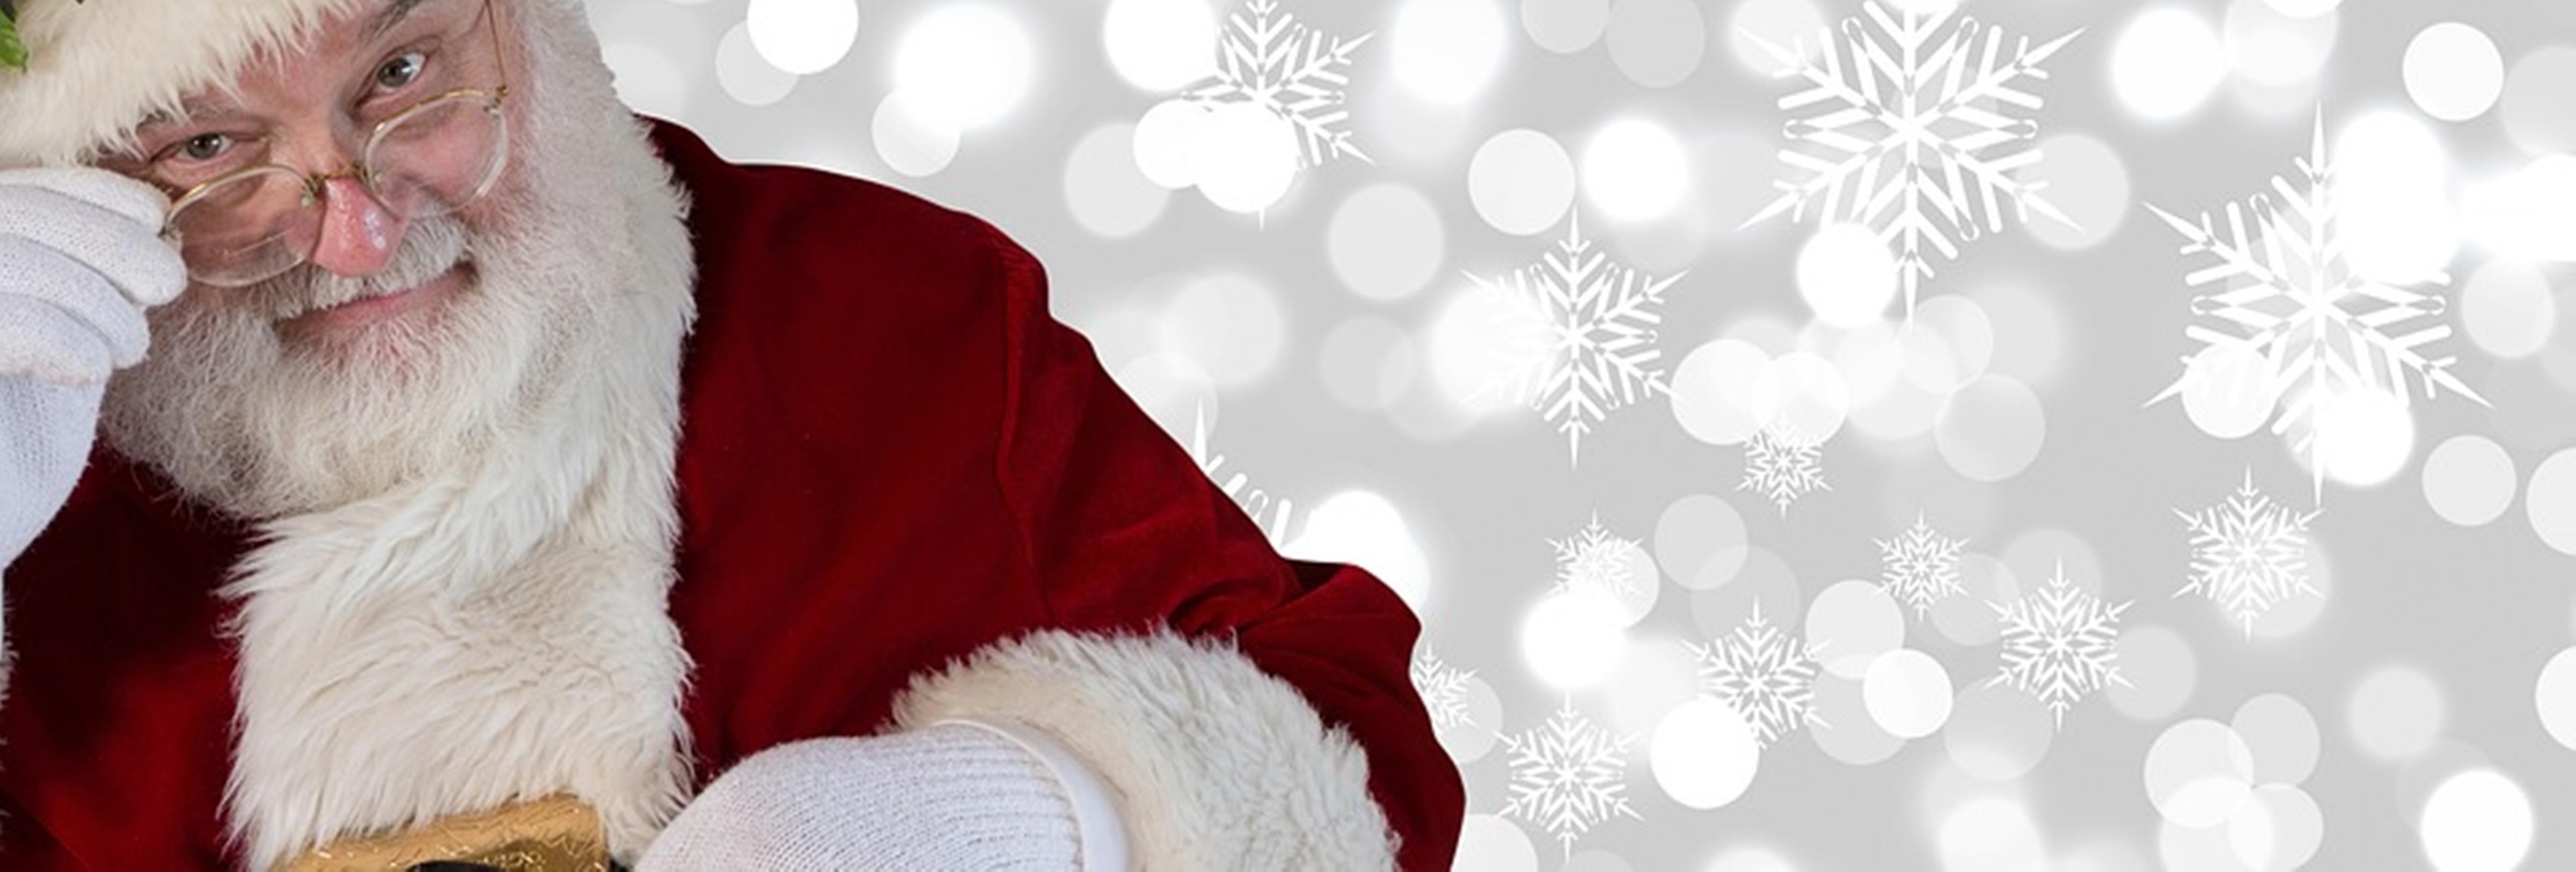 Scrisoarea lui Moș Crăciun pentru copii